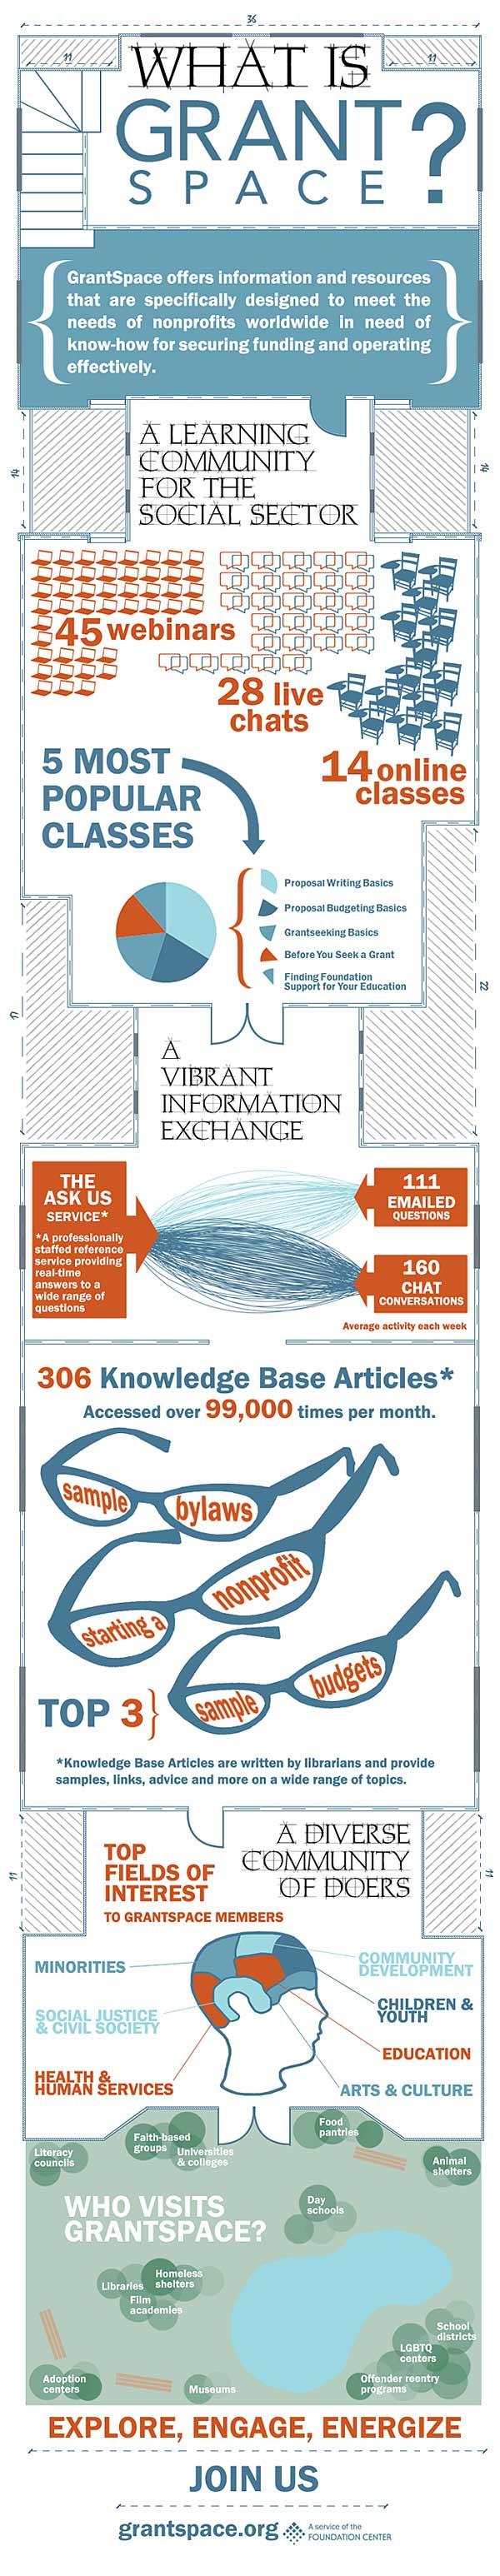 GrantSpace Infographic